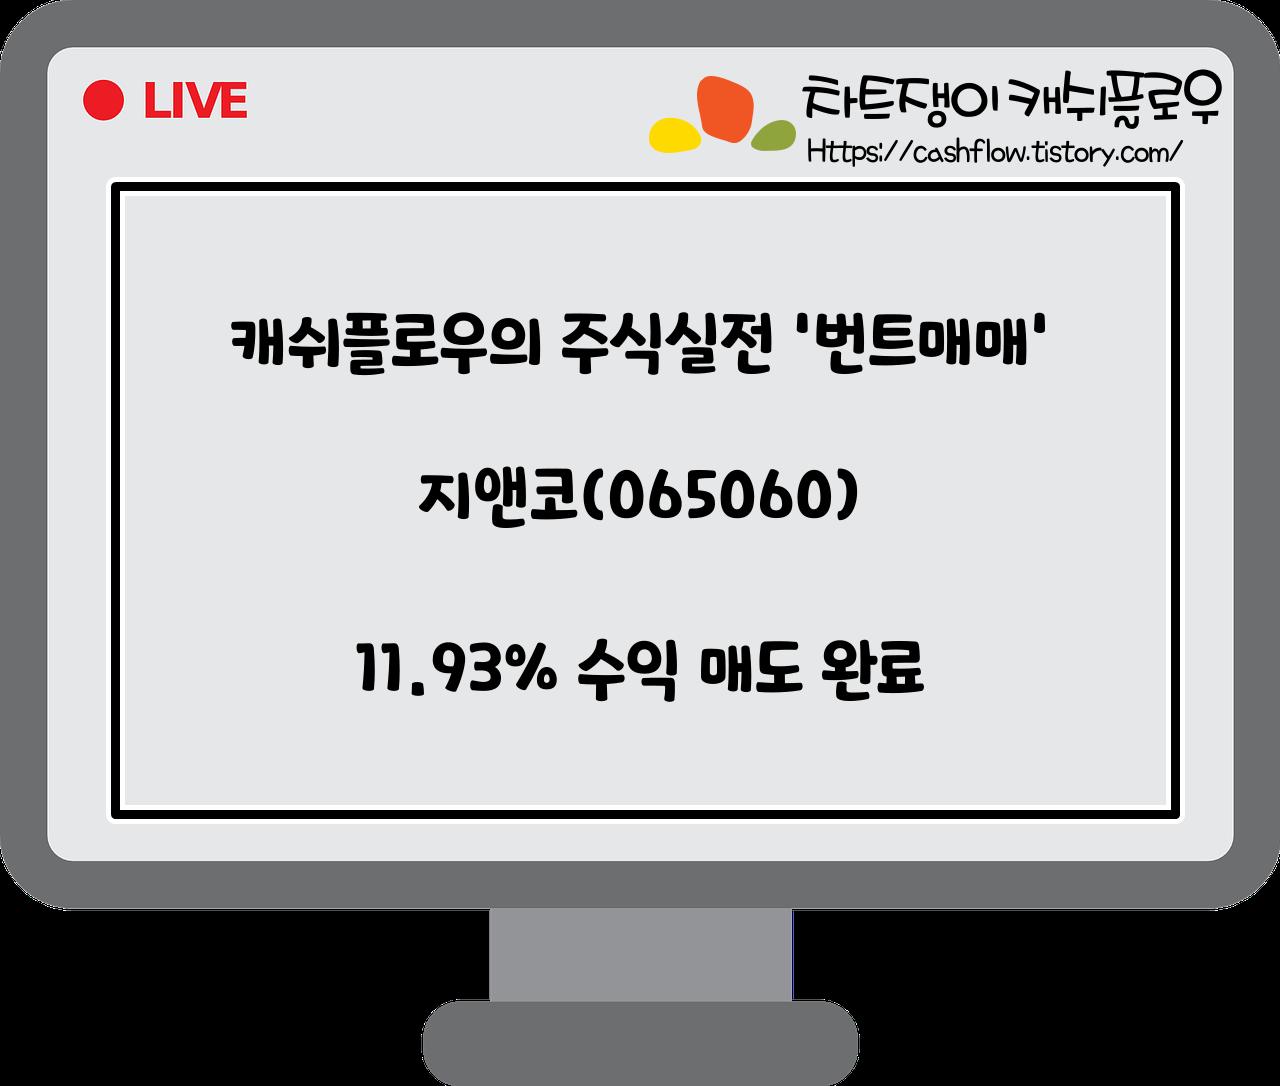 매도완료)지앤코(065060) 11.93% 수익 매도 완료